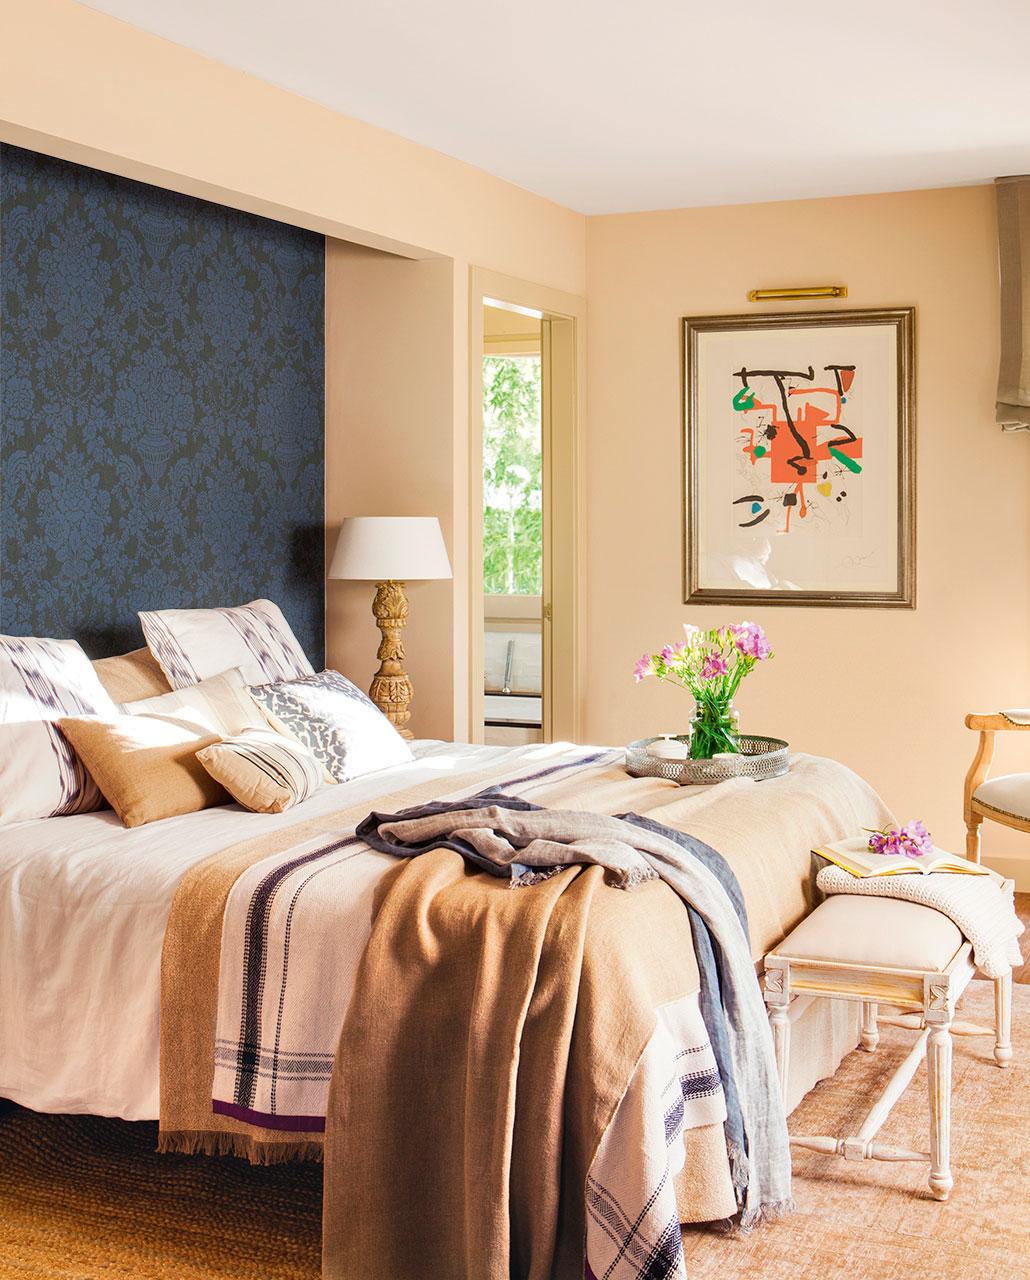 75 fotos de muebles de dormitorio - Papel pintado dormitorio principal ...